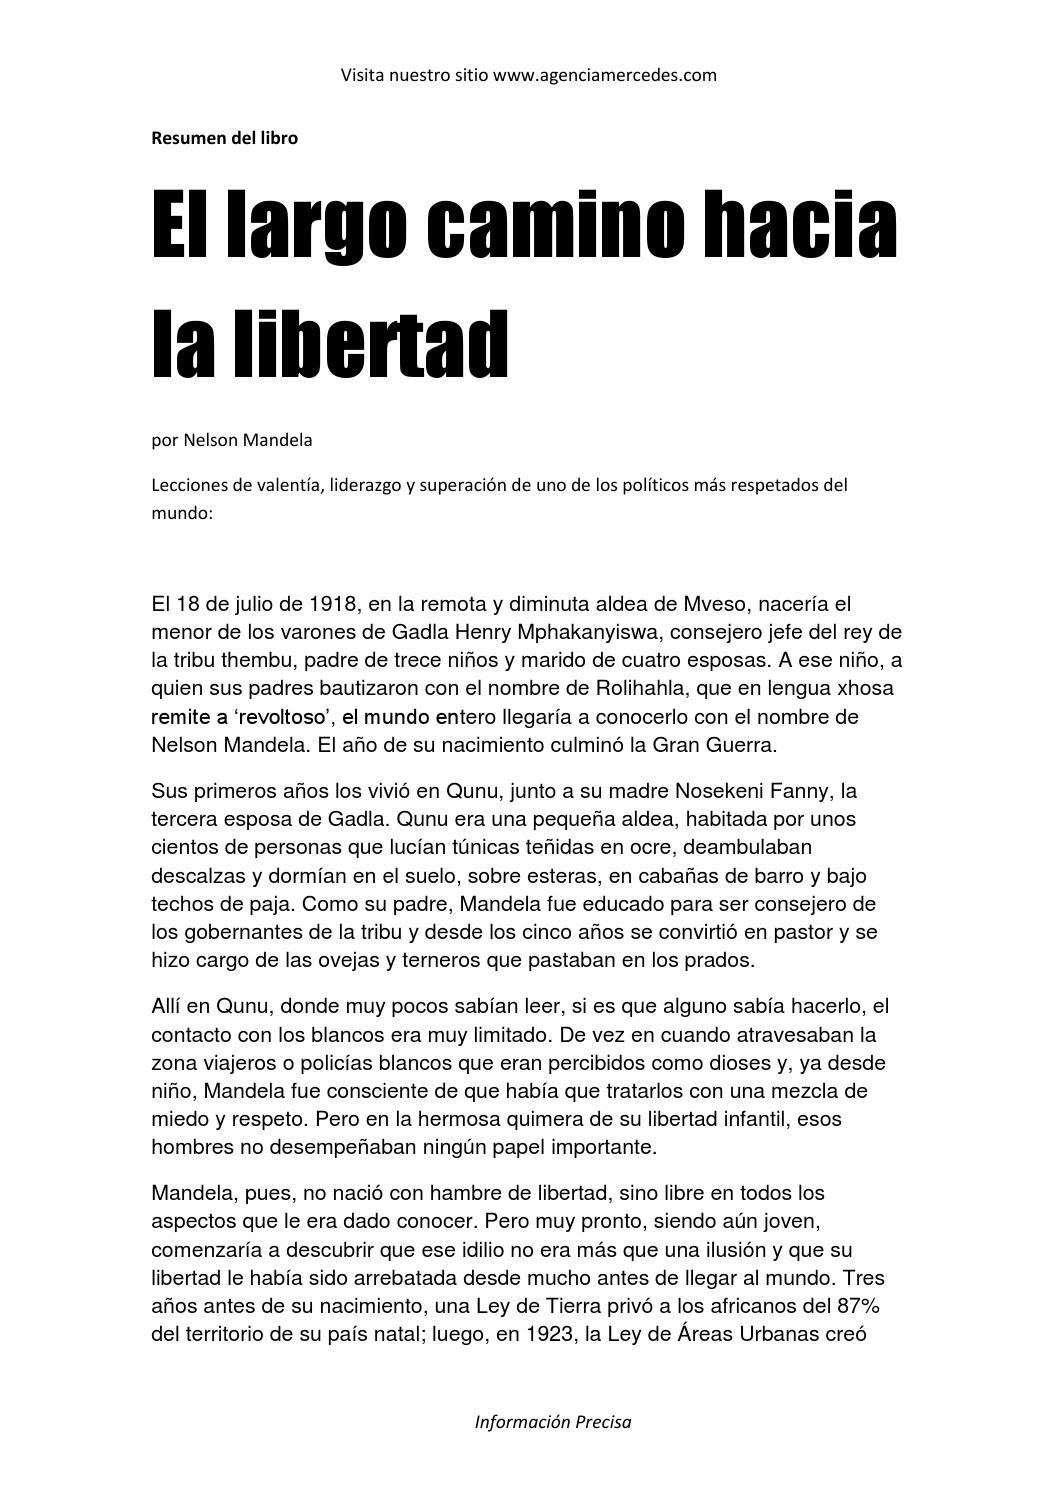 El largo camino hacia la libertad resumen by Héctor González - issuu